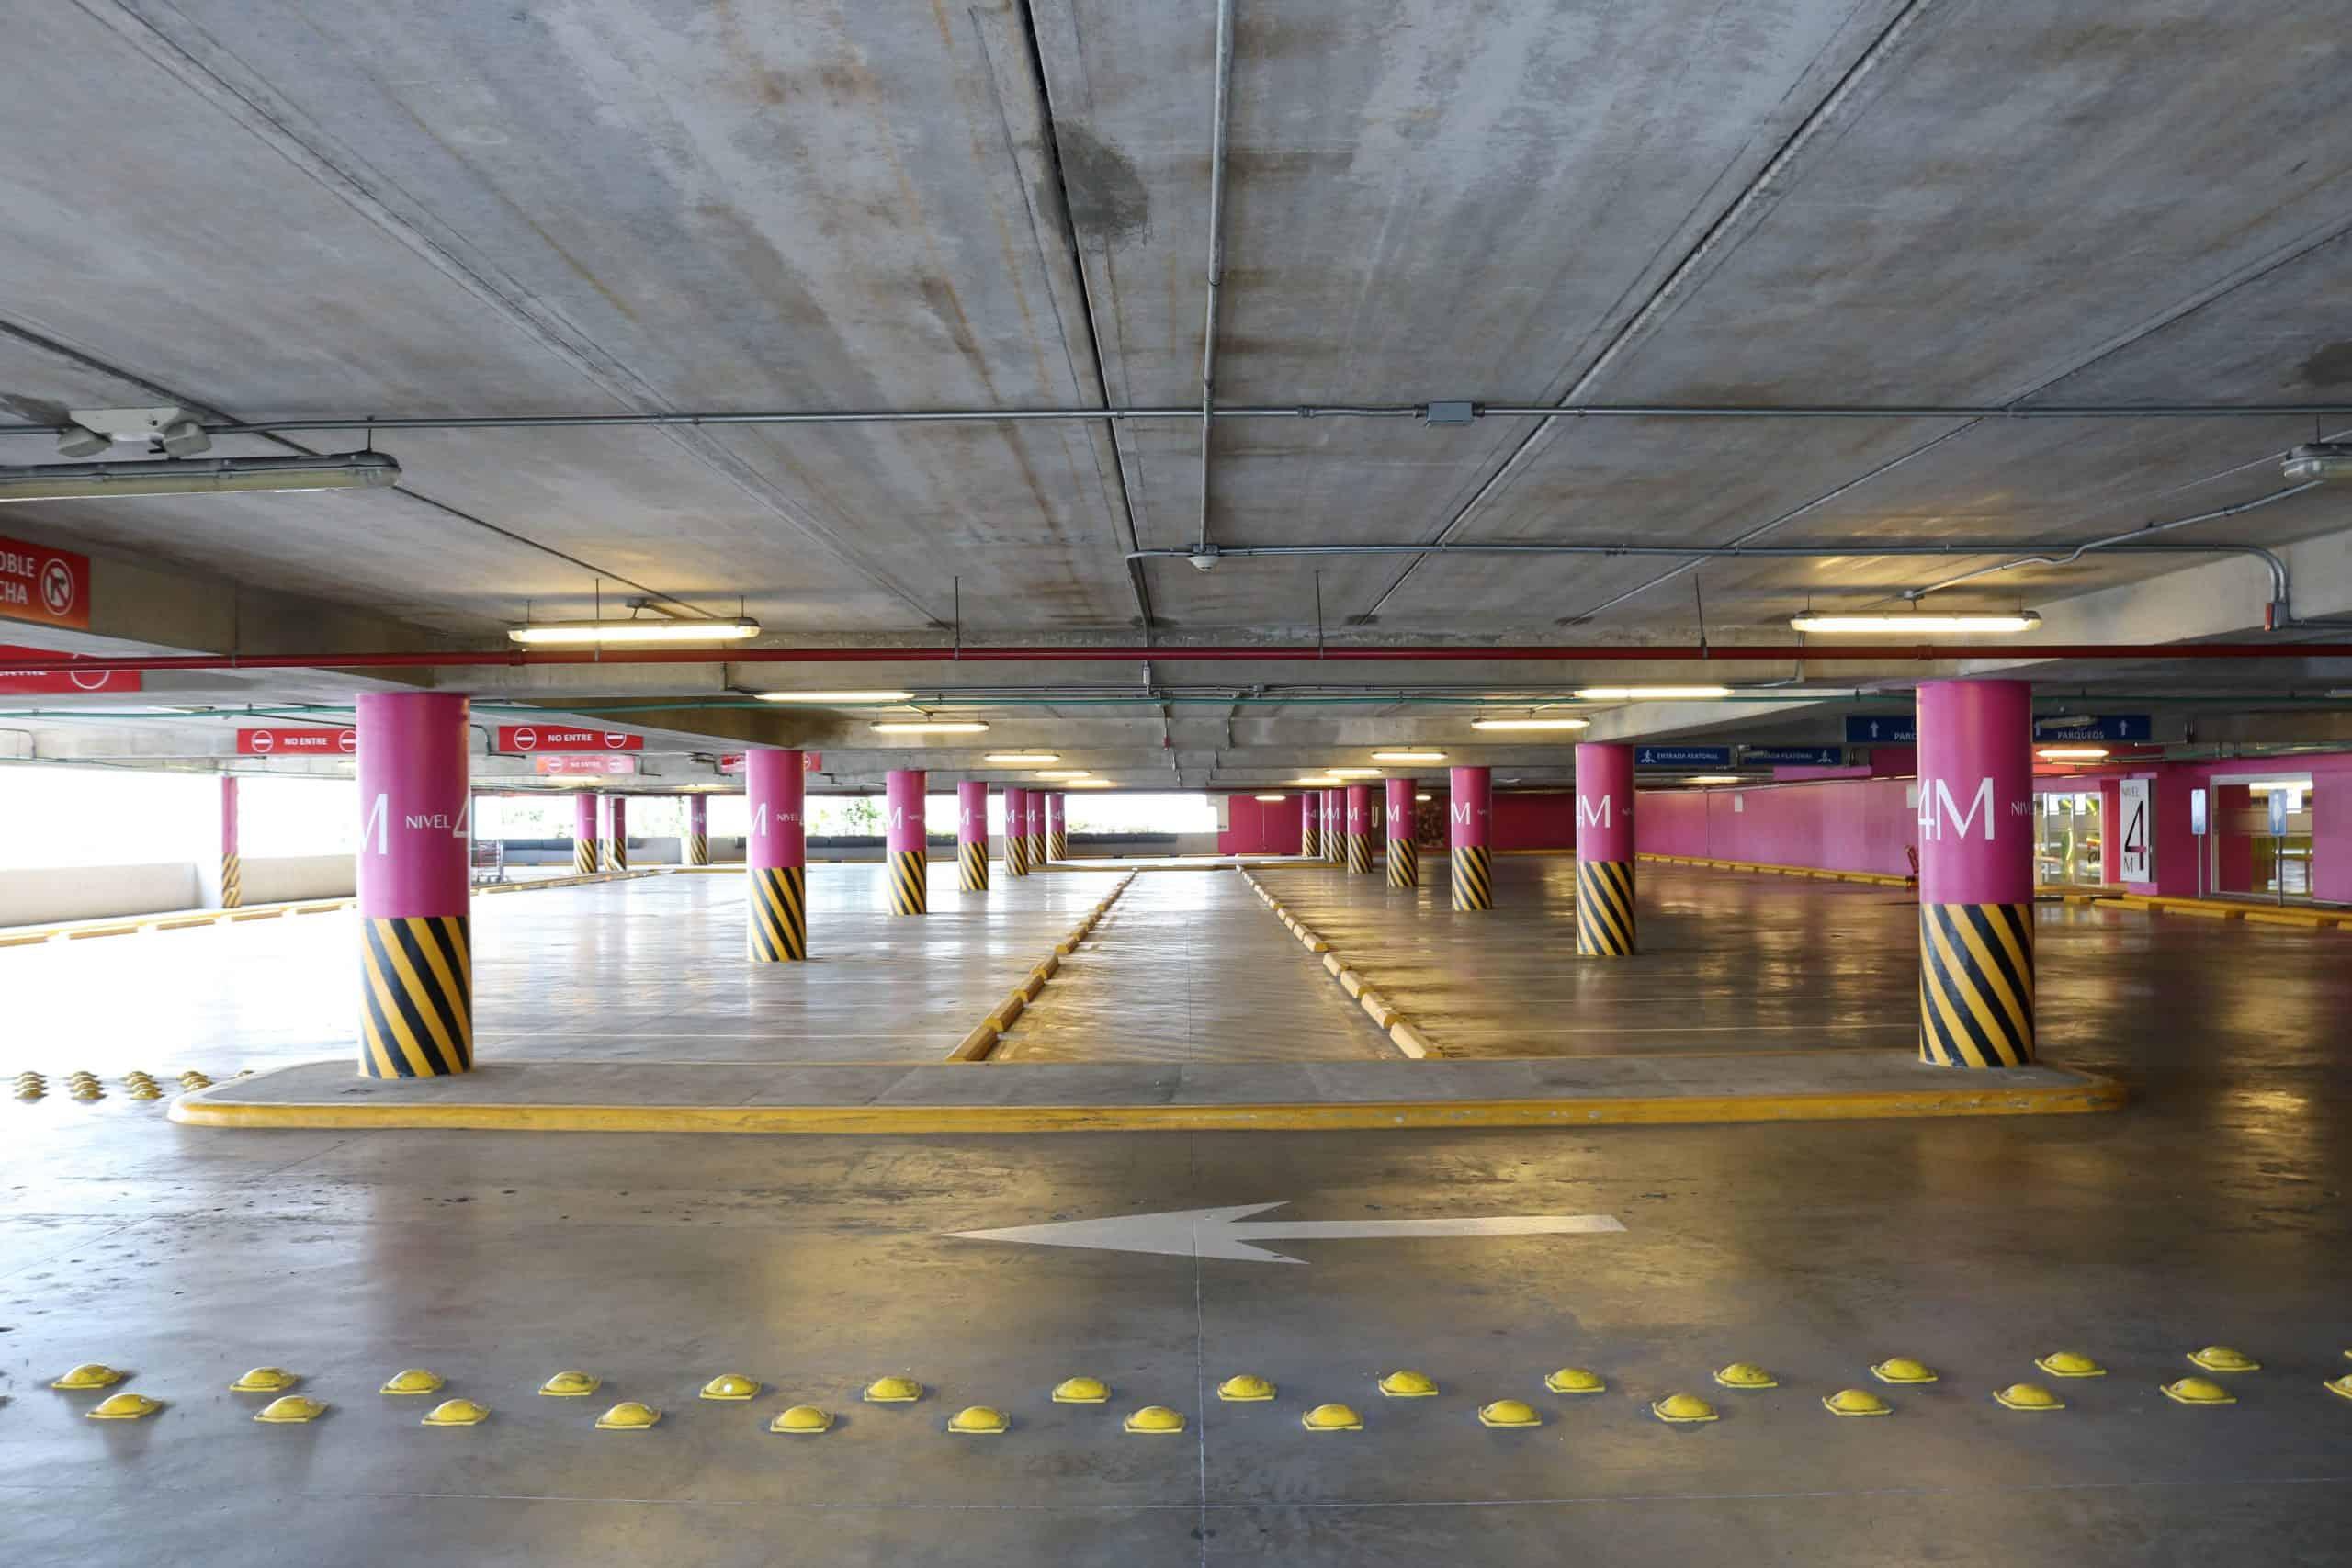 """משרד DLR יצגו את חברת רובין חברה קבלנית לבניין בע""""מ בהליך משפטי הנוגע לפרויקט תמ""""א 38/2 אותו ביצעה החברה."""